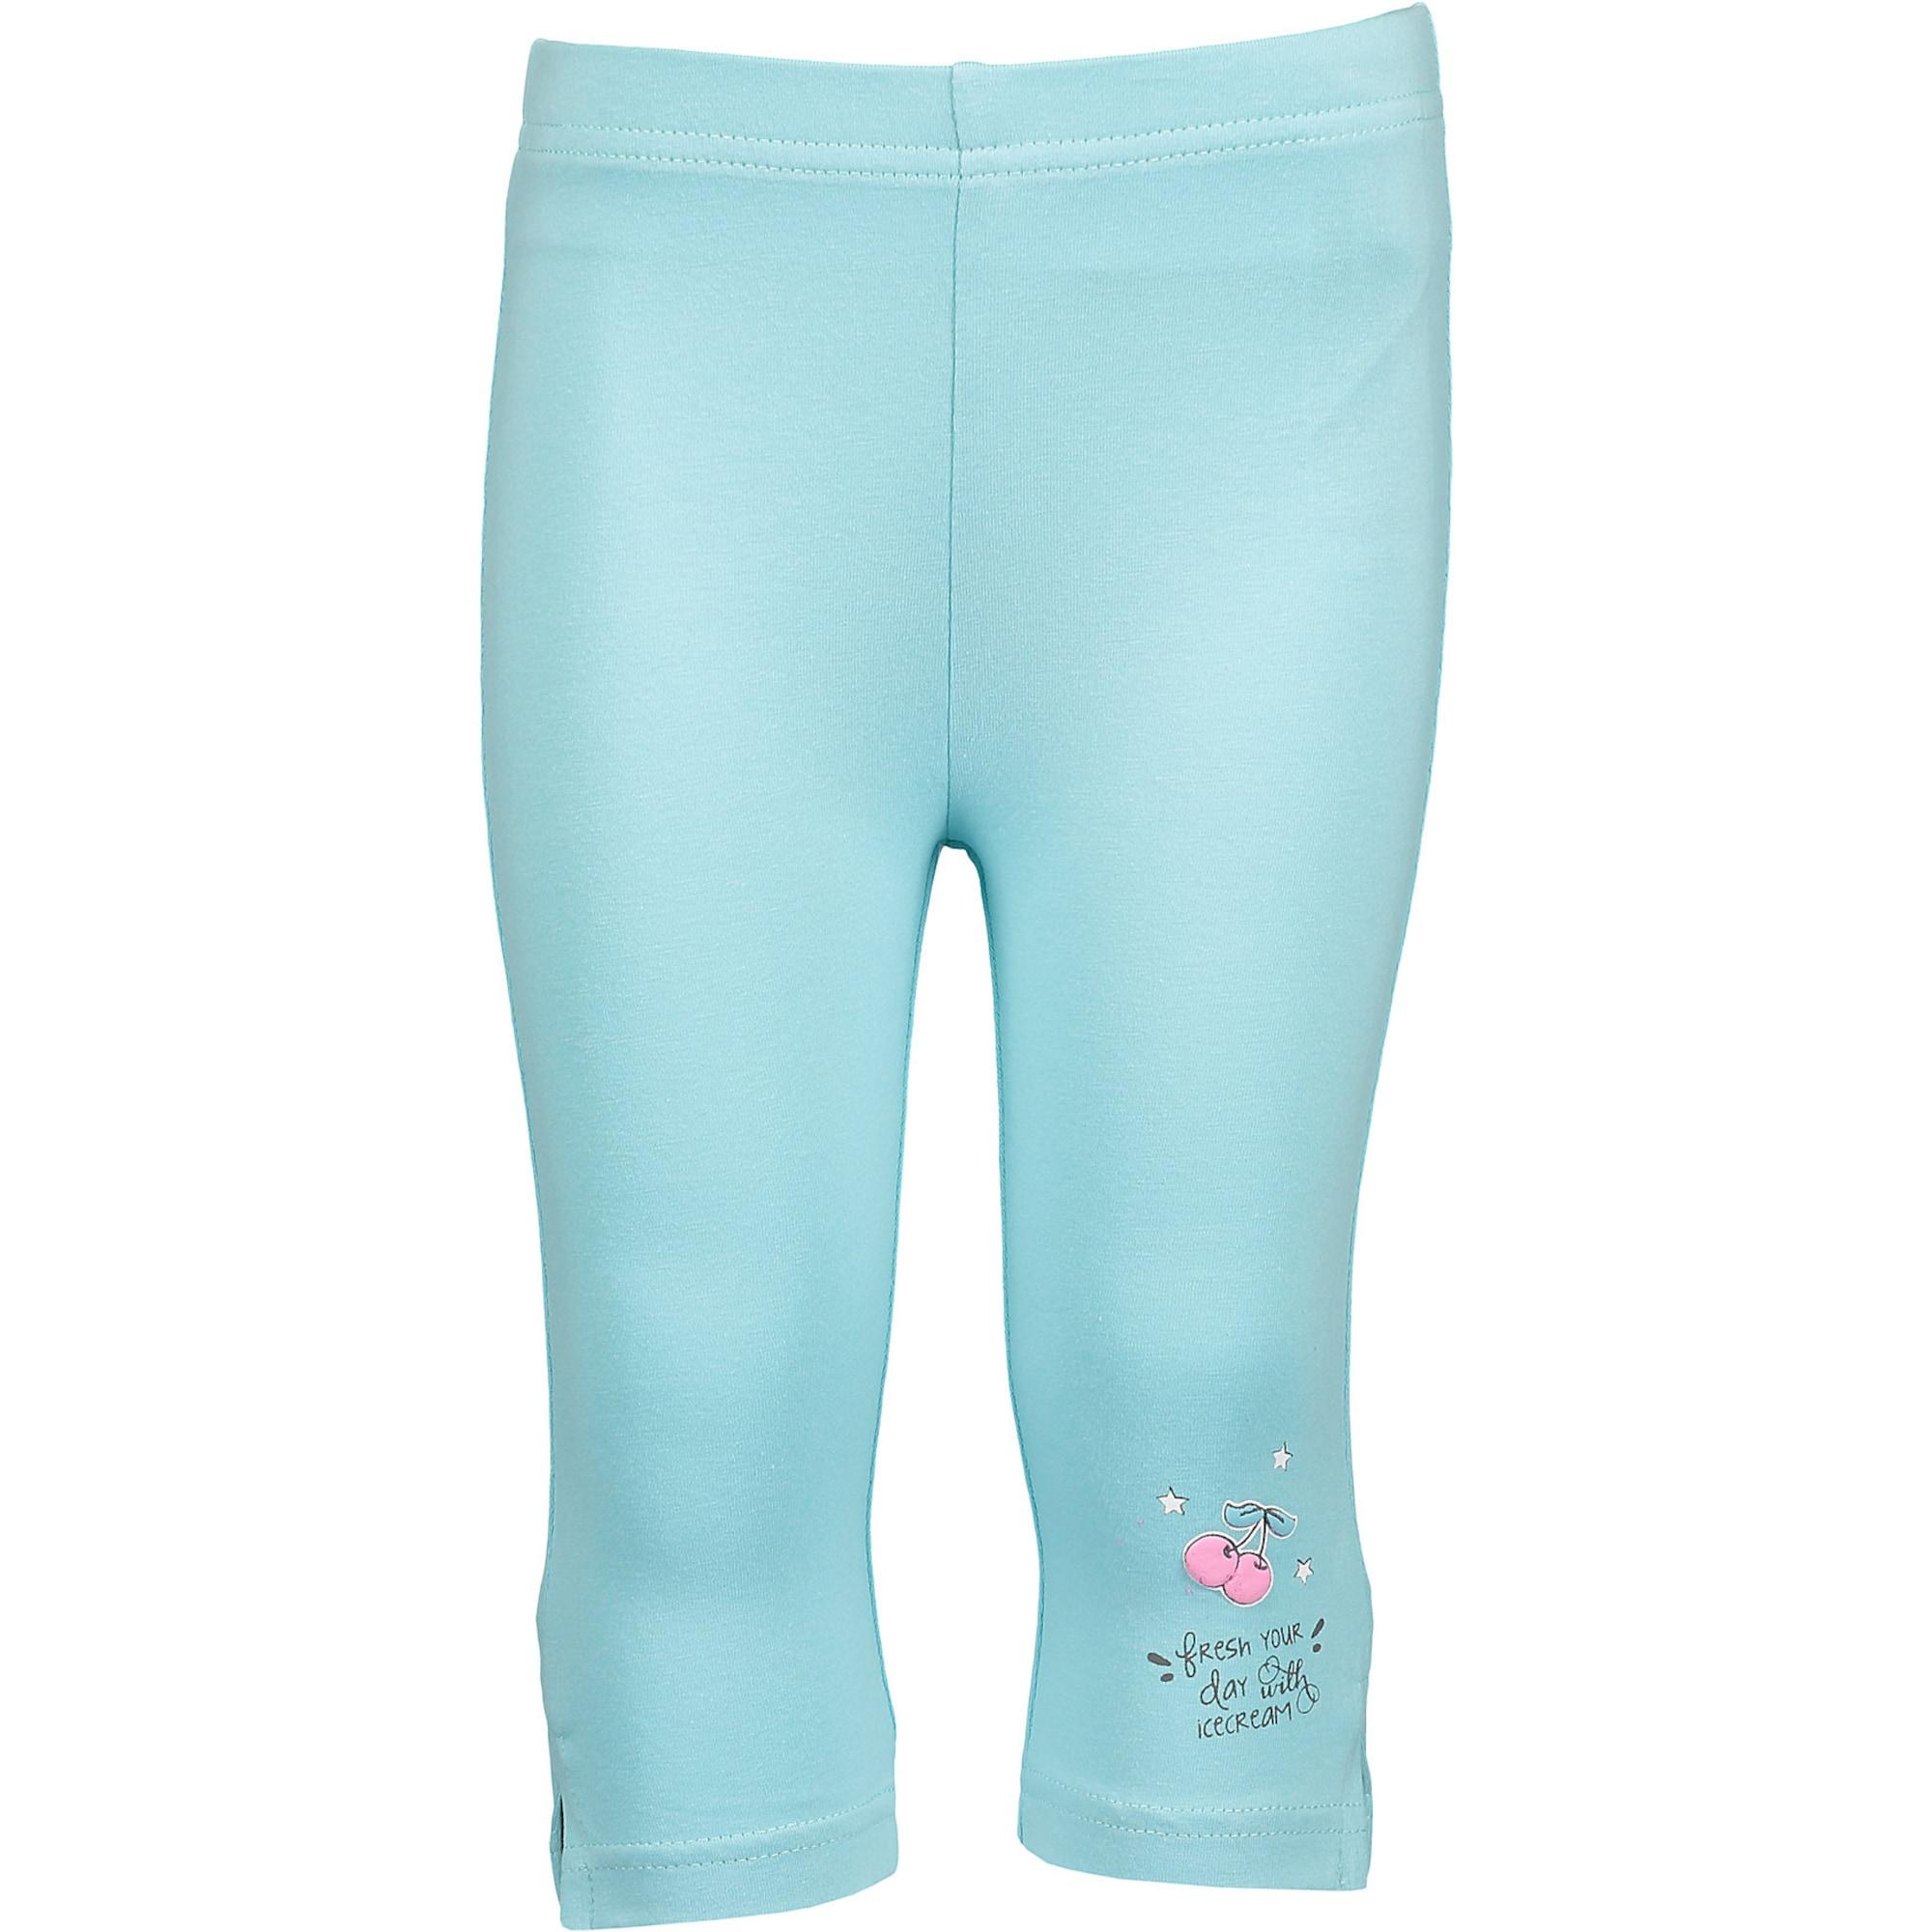 Kalhoty tyrkysová aqua modrá mix barev BLUE SEVEN